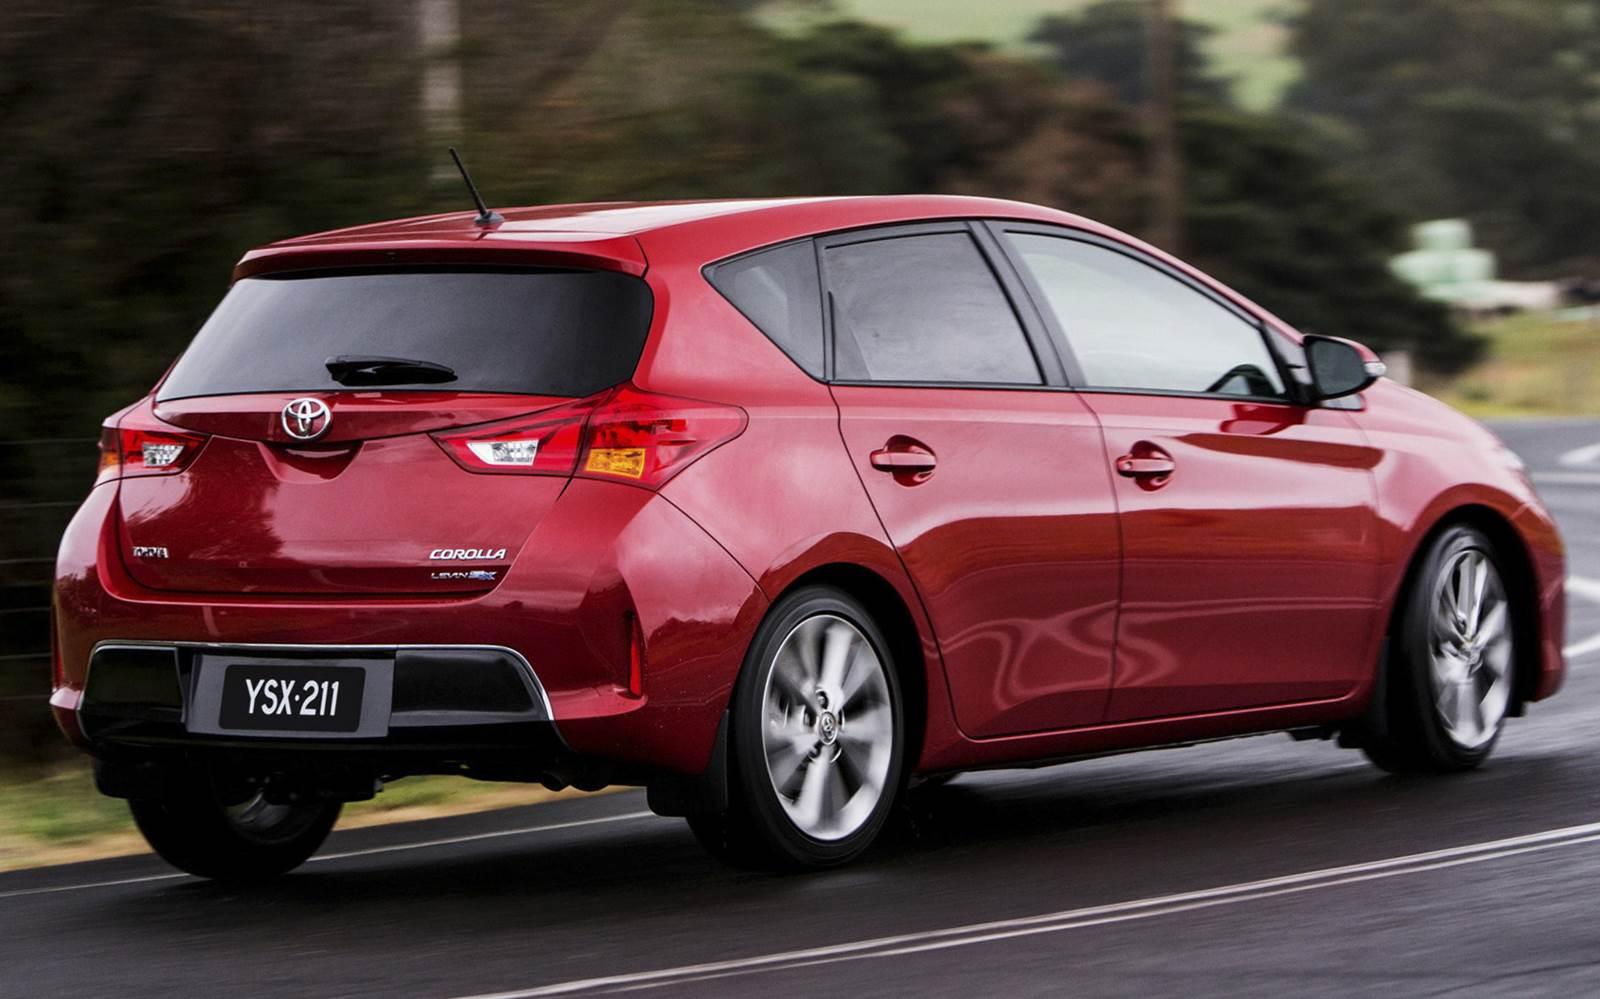 Toyota Corolla Carro Mais Vendido Do Mundo Em 2014 Car